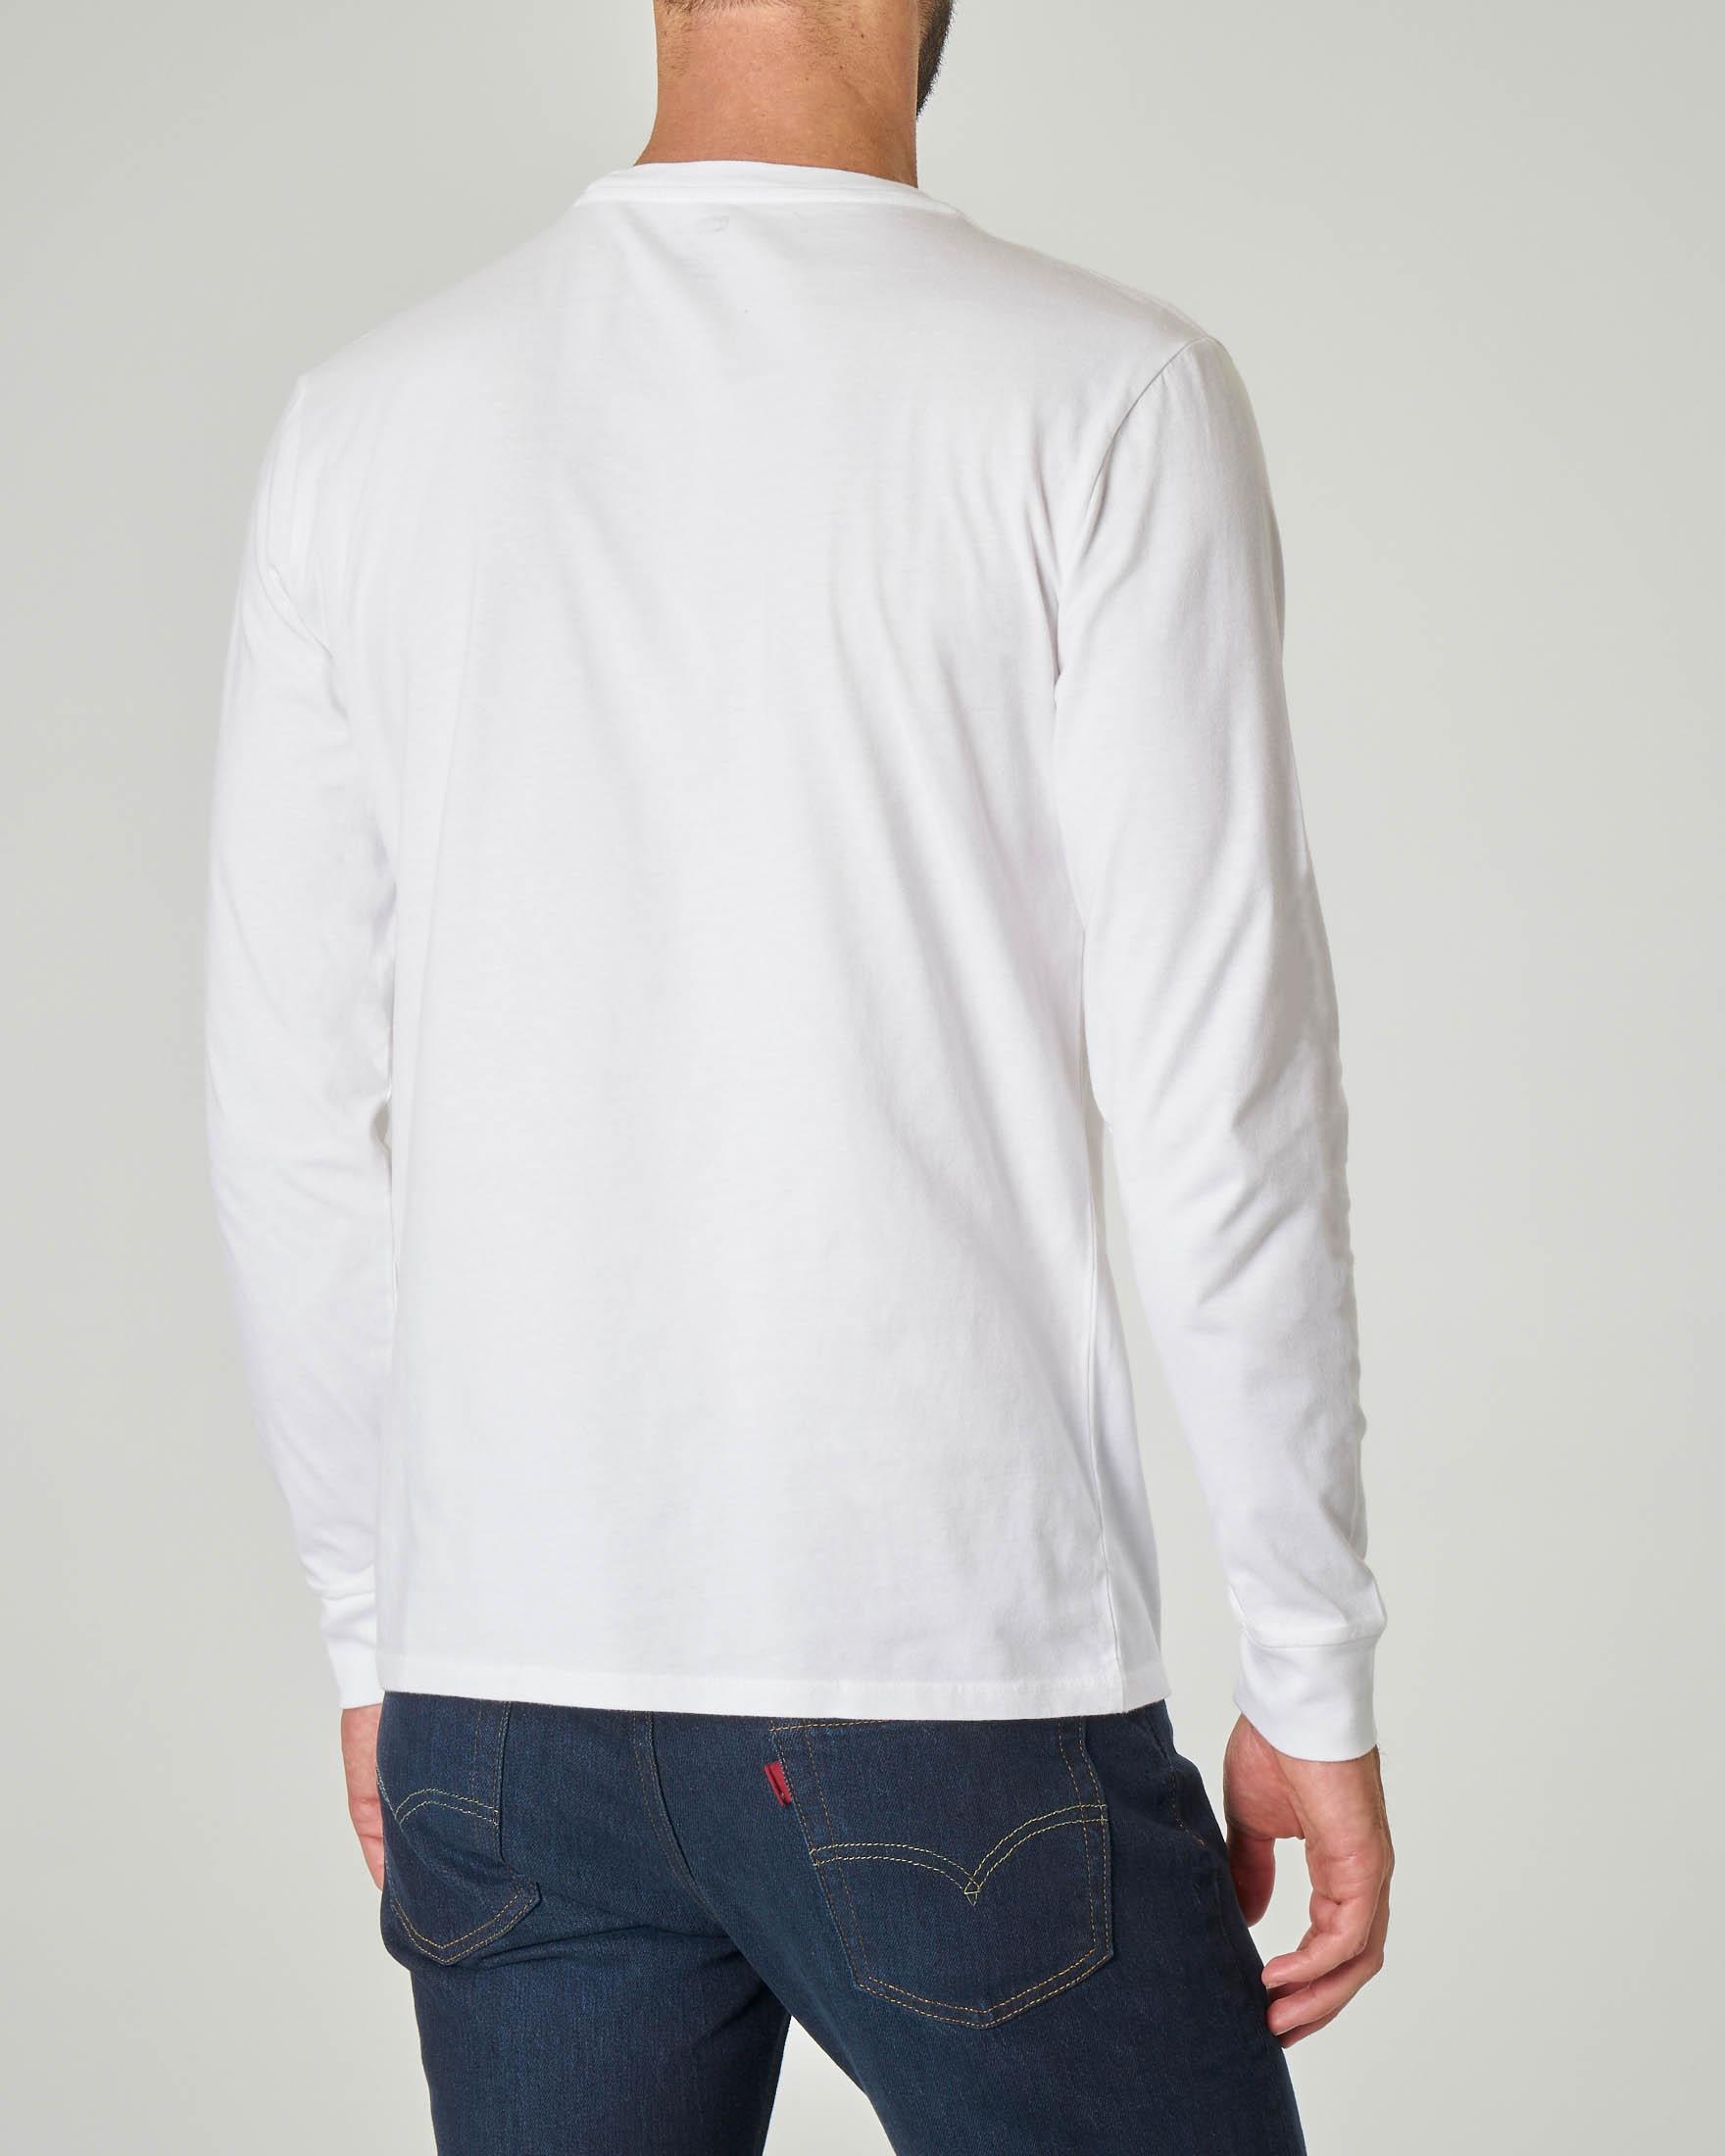 T-shirt bianca manica lunga con logo batwing